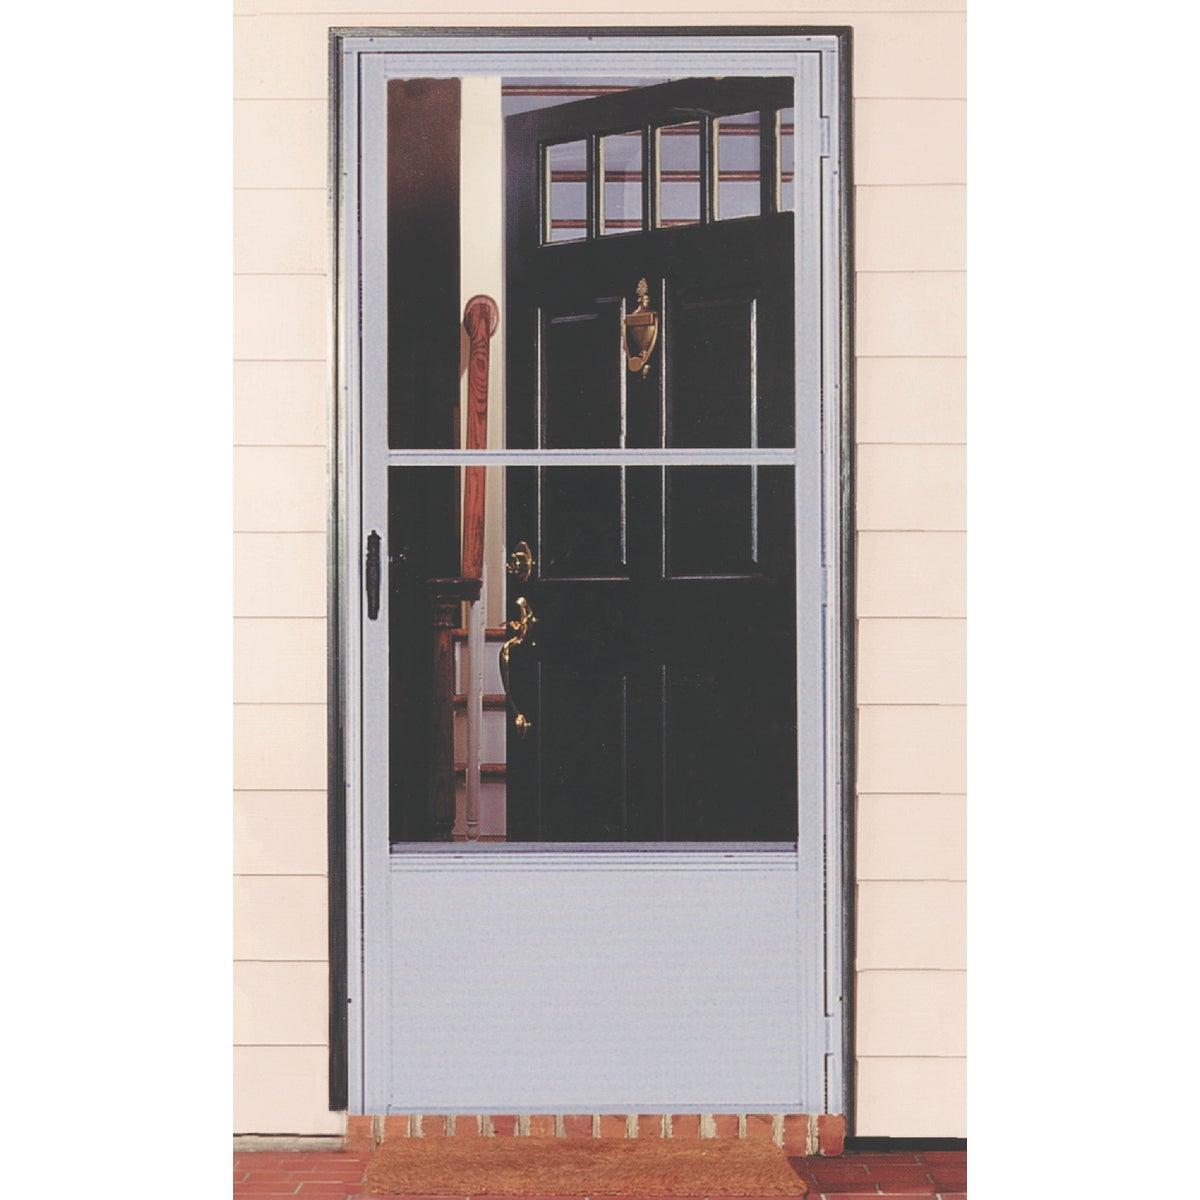 163 3068 LH BRZ DOOR - F05792 by Croft Llc